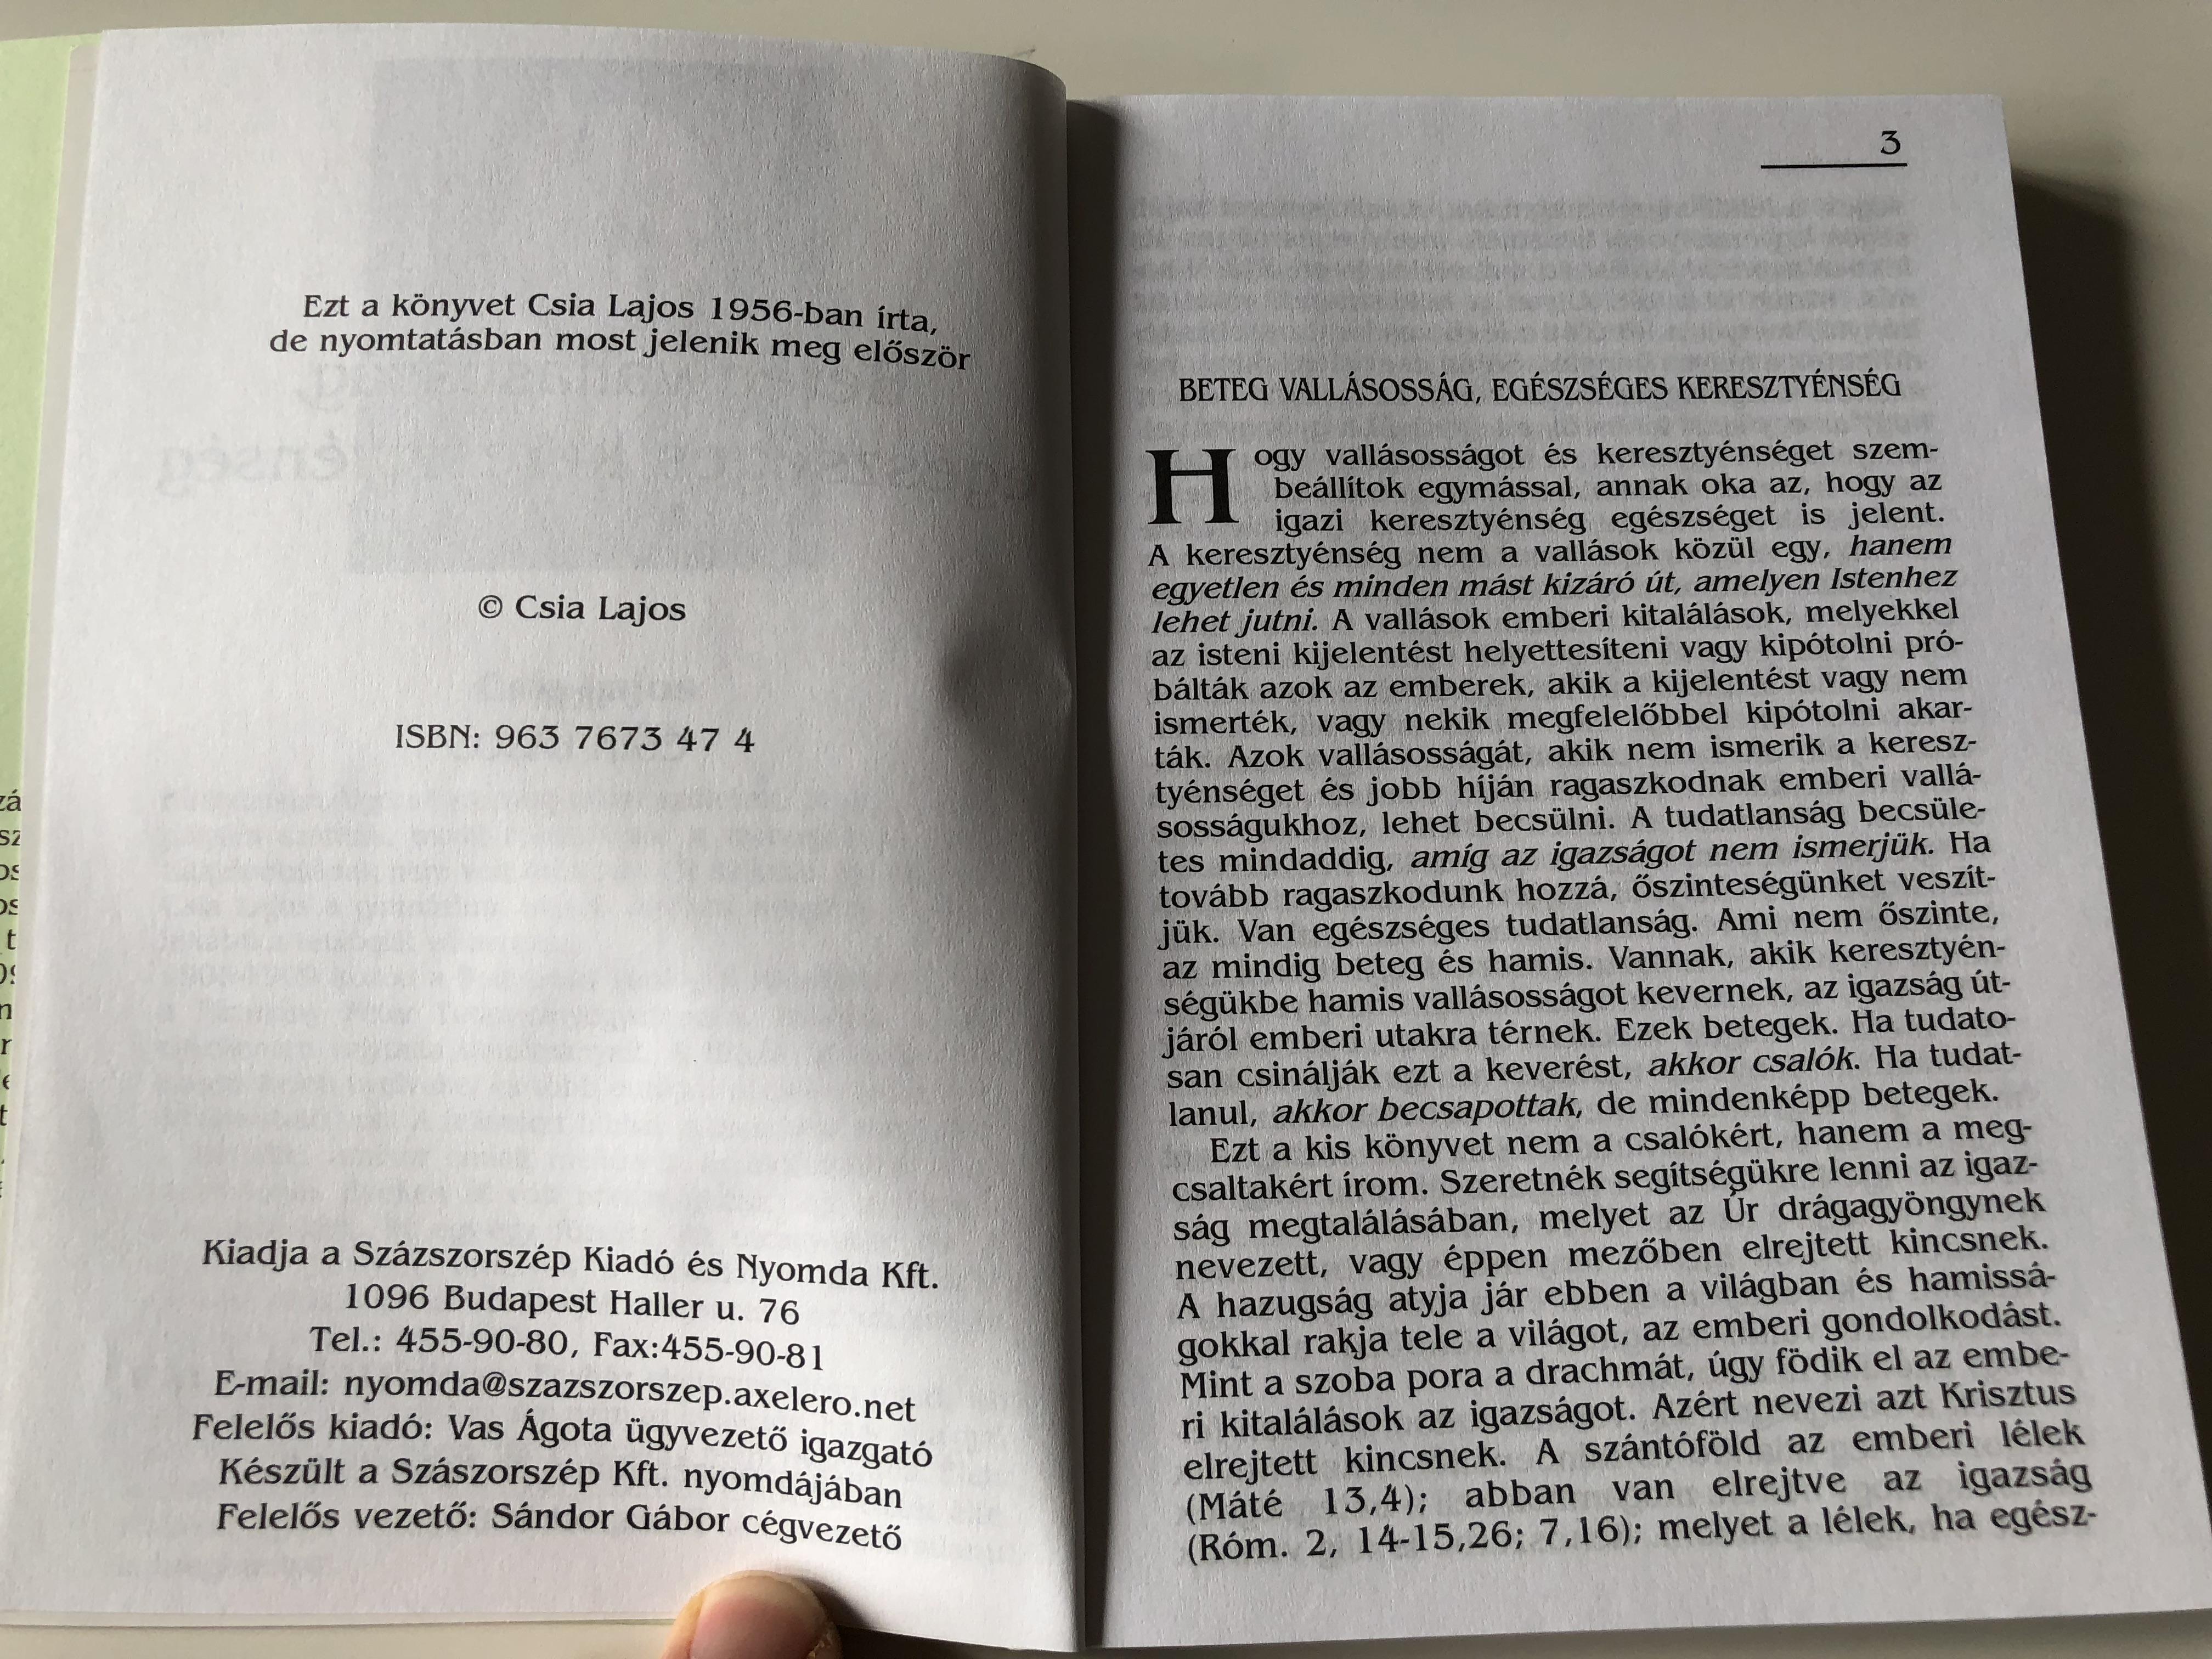 beteg-vall-soss-g-eg-szs-ges-kereszty-nys-g-by-csia-lajos-ill-religiousness-healthy-christianity-hungarian-language-booklet-sz-zszorsz-p-kiad-2004-3-.jpg